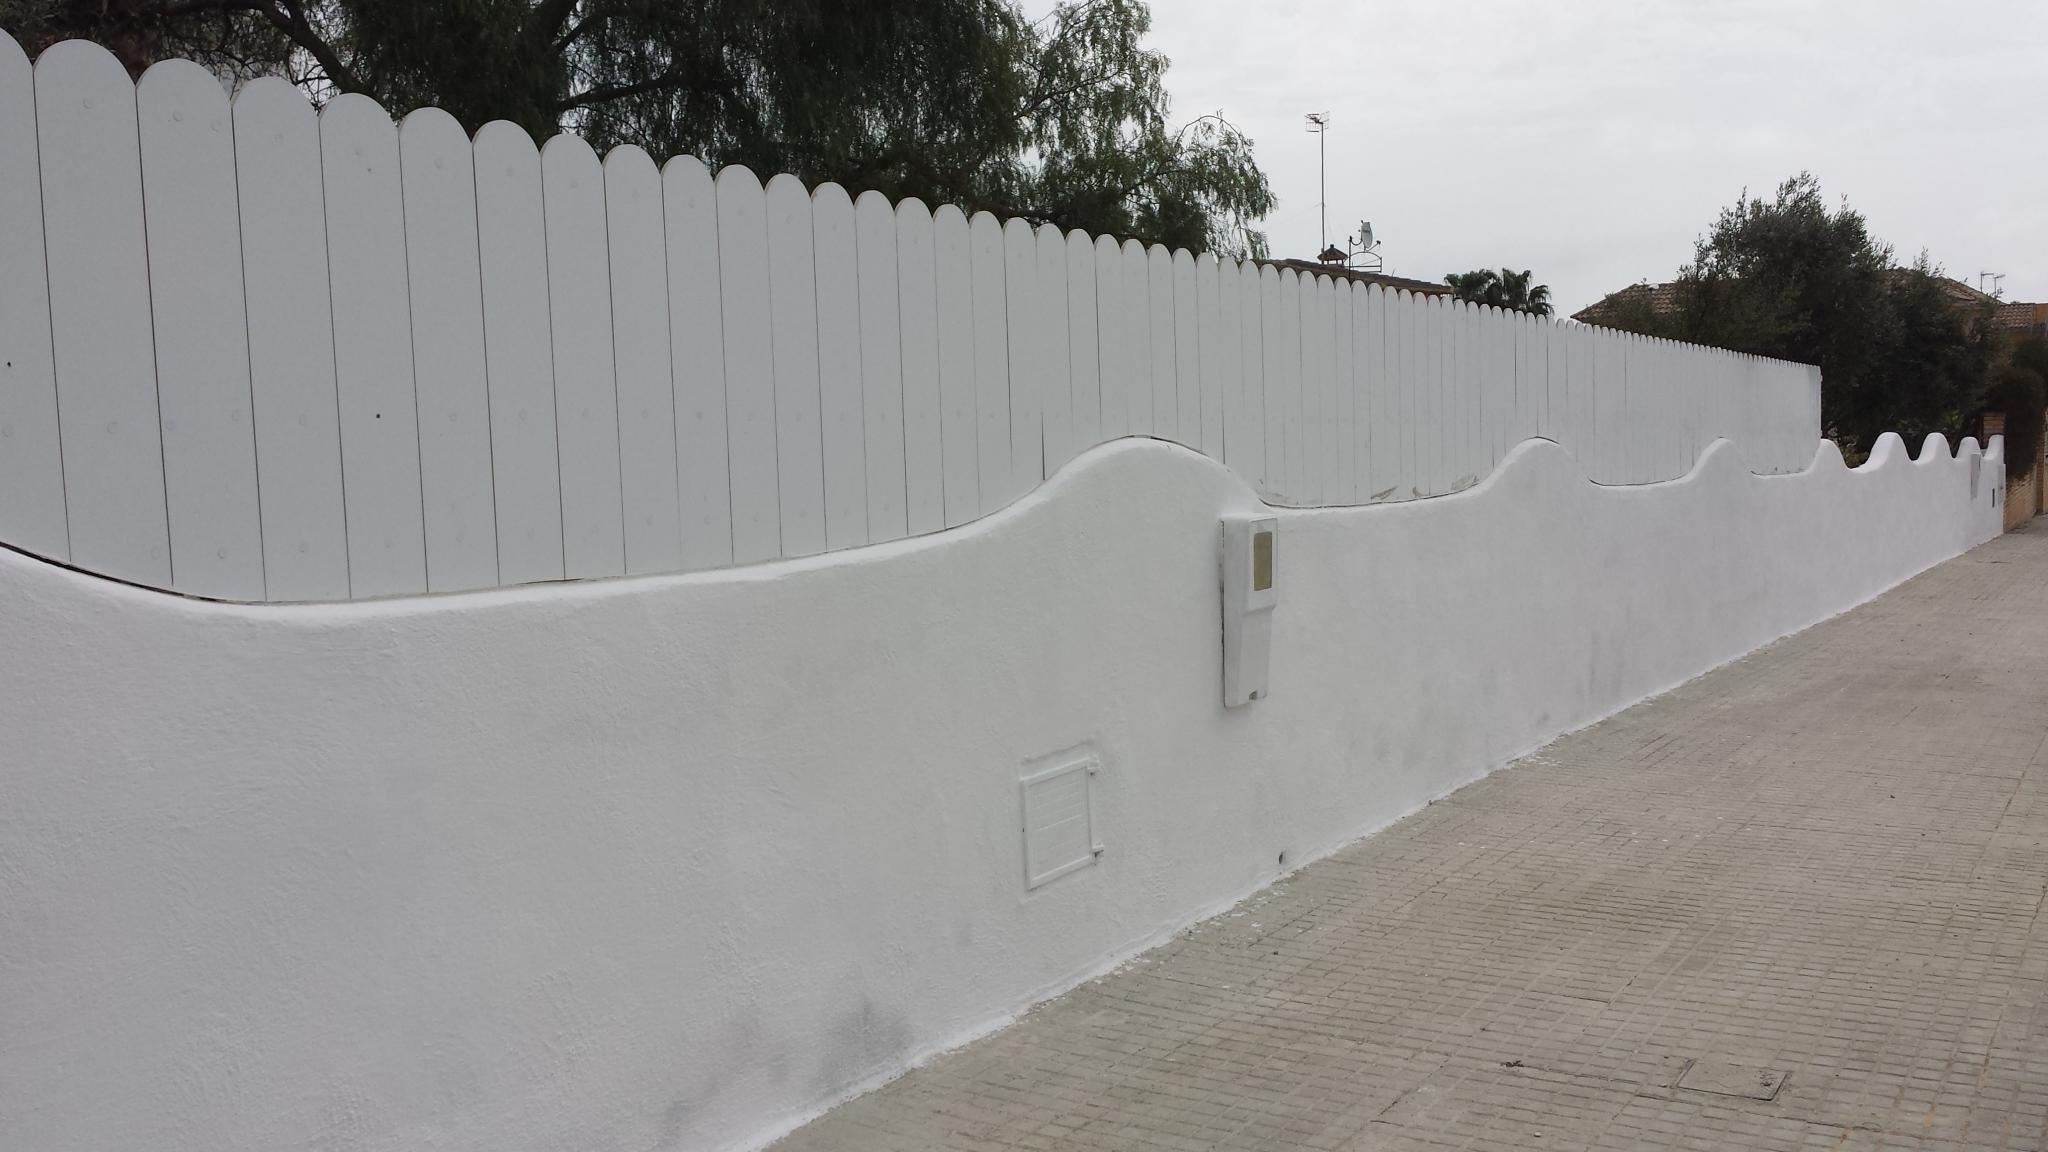 Vinuesa vallas cercados cerramientos vallas ocultaci n for Vallas jardin pvc